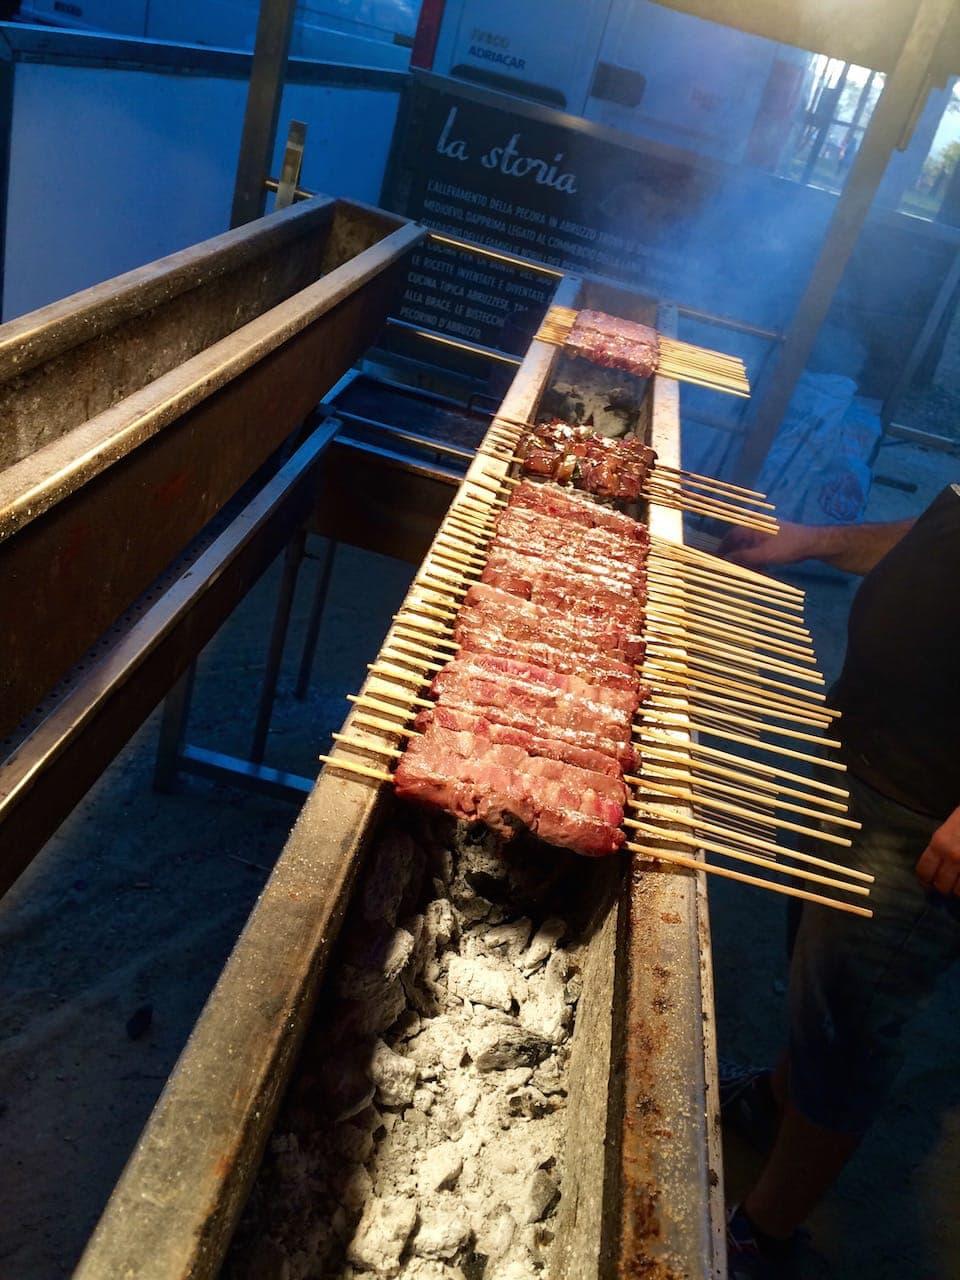 Arrosticini abruzzesi: tipici spiedini di carne di pecora arrostiti sulla griglia